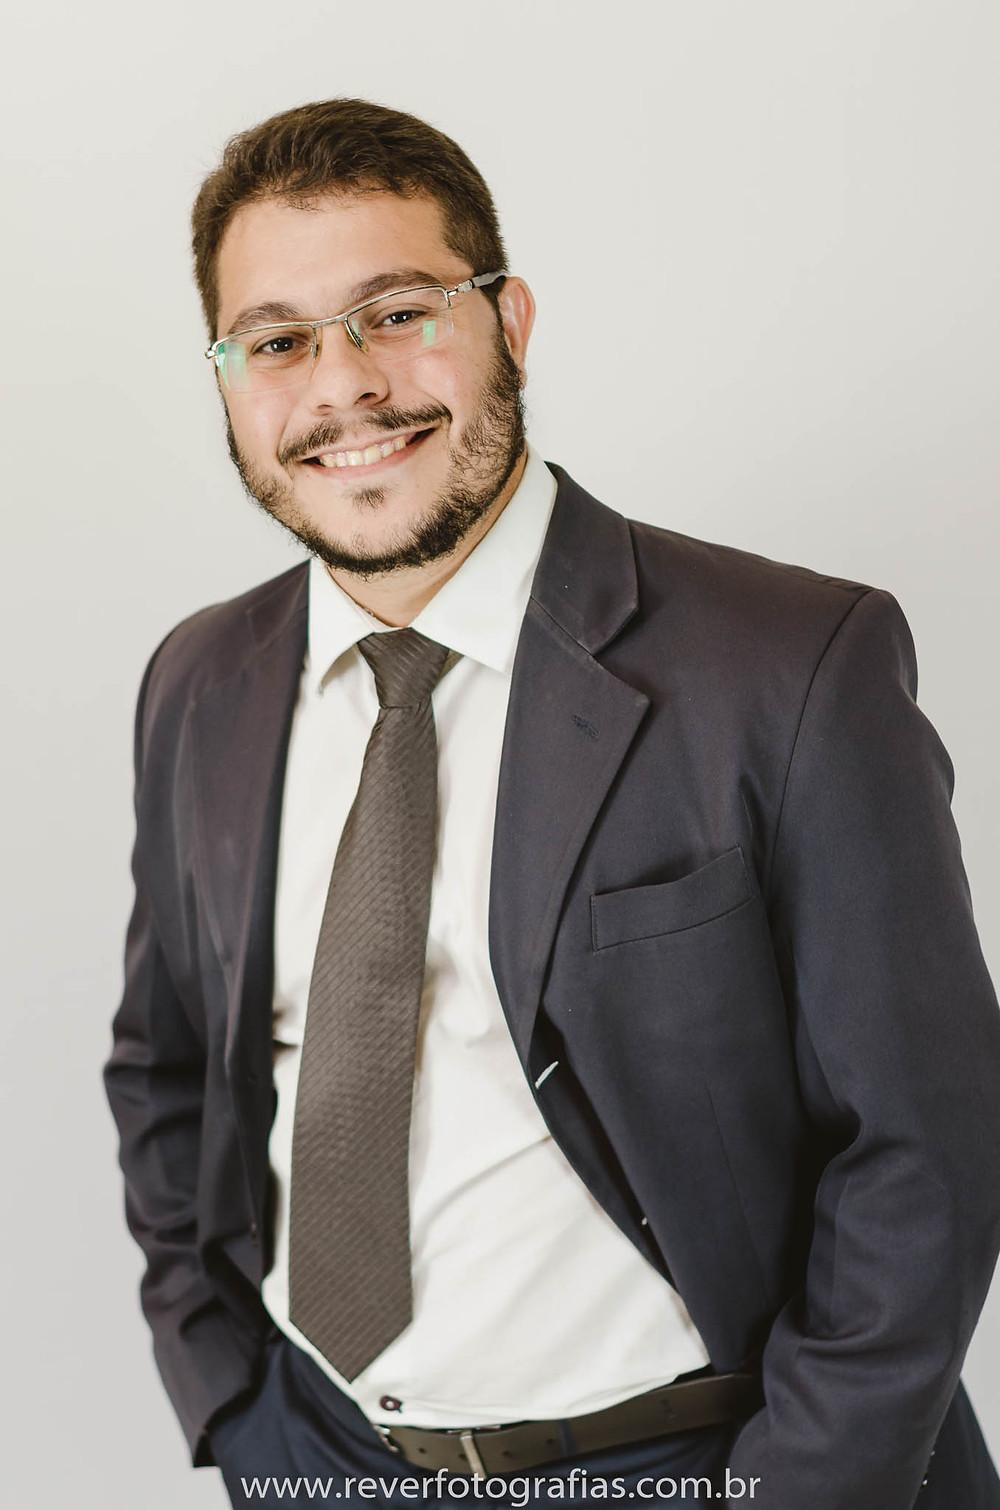 Rever fotografia profissional advogado homem de terno em sessão fotográfica em aracaju